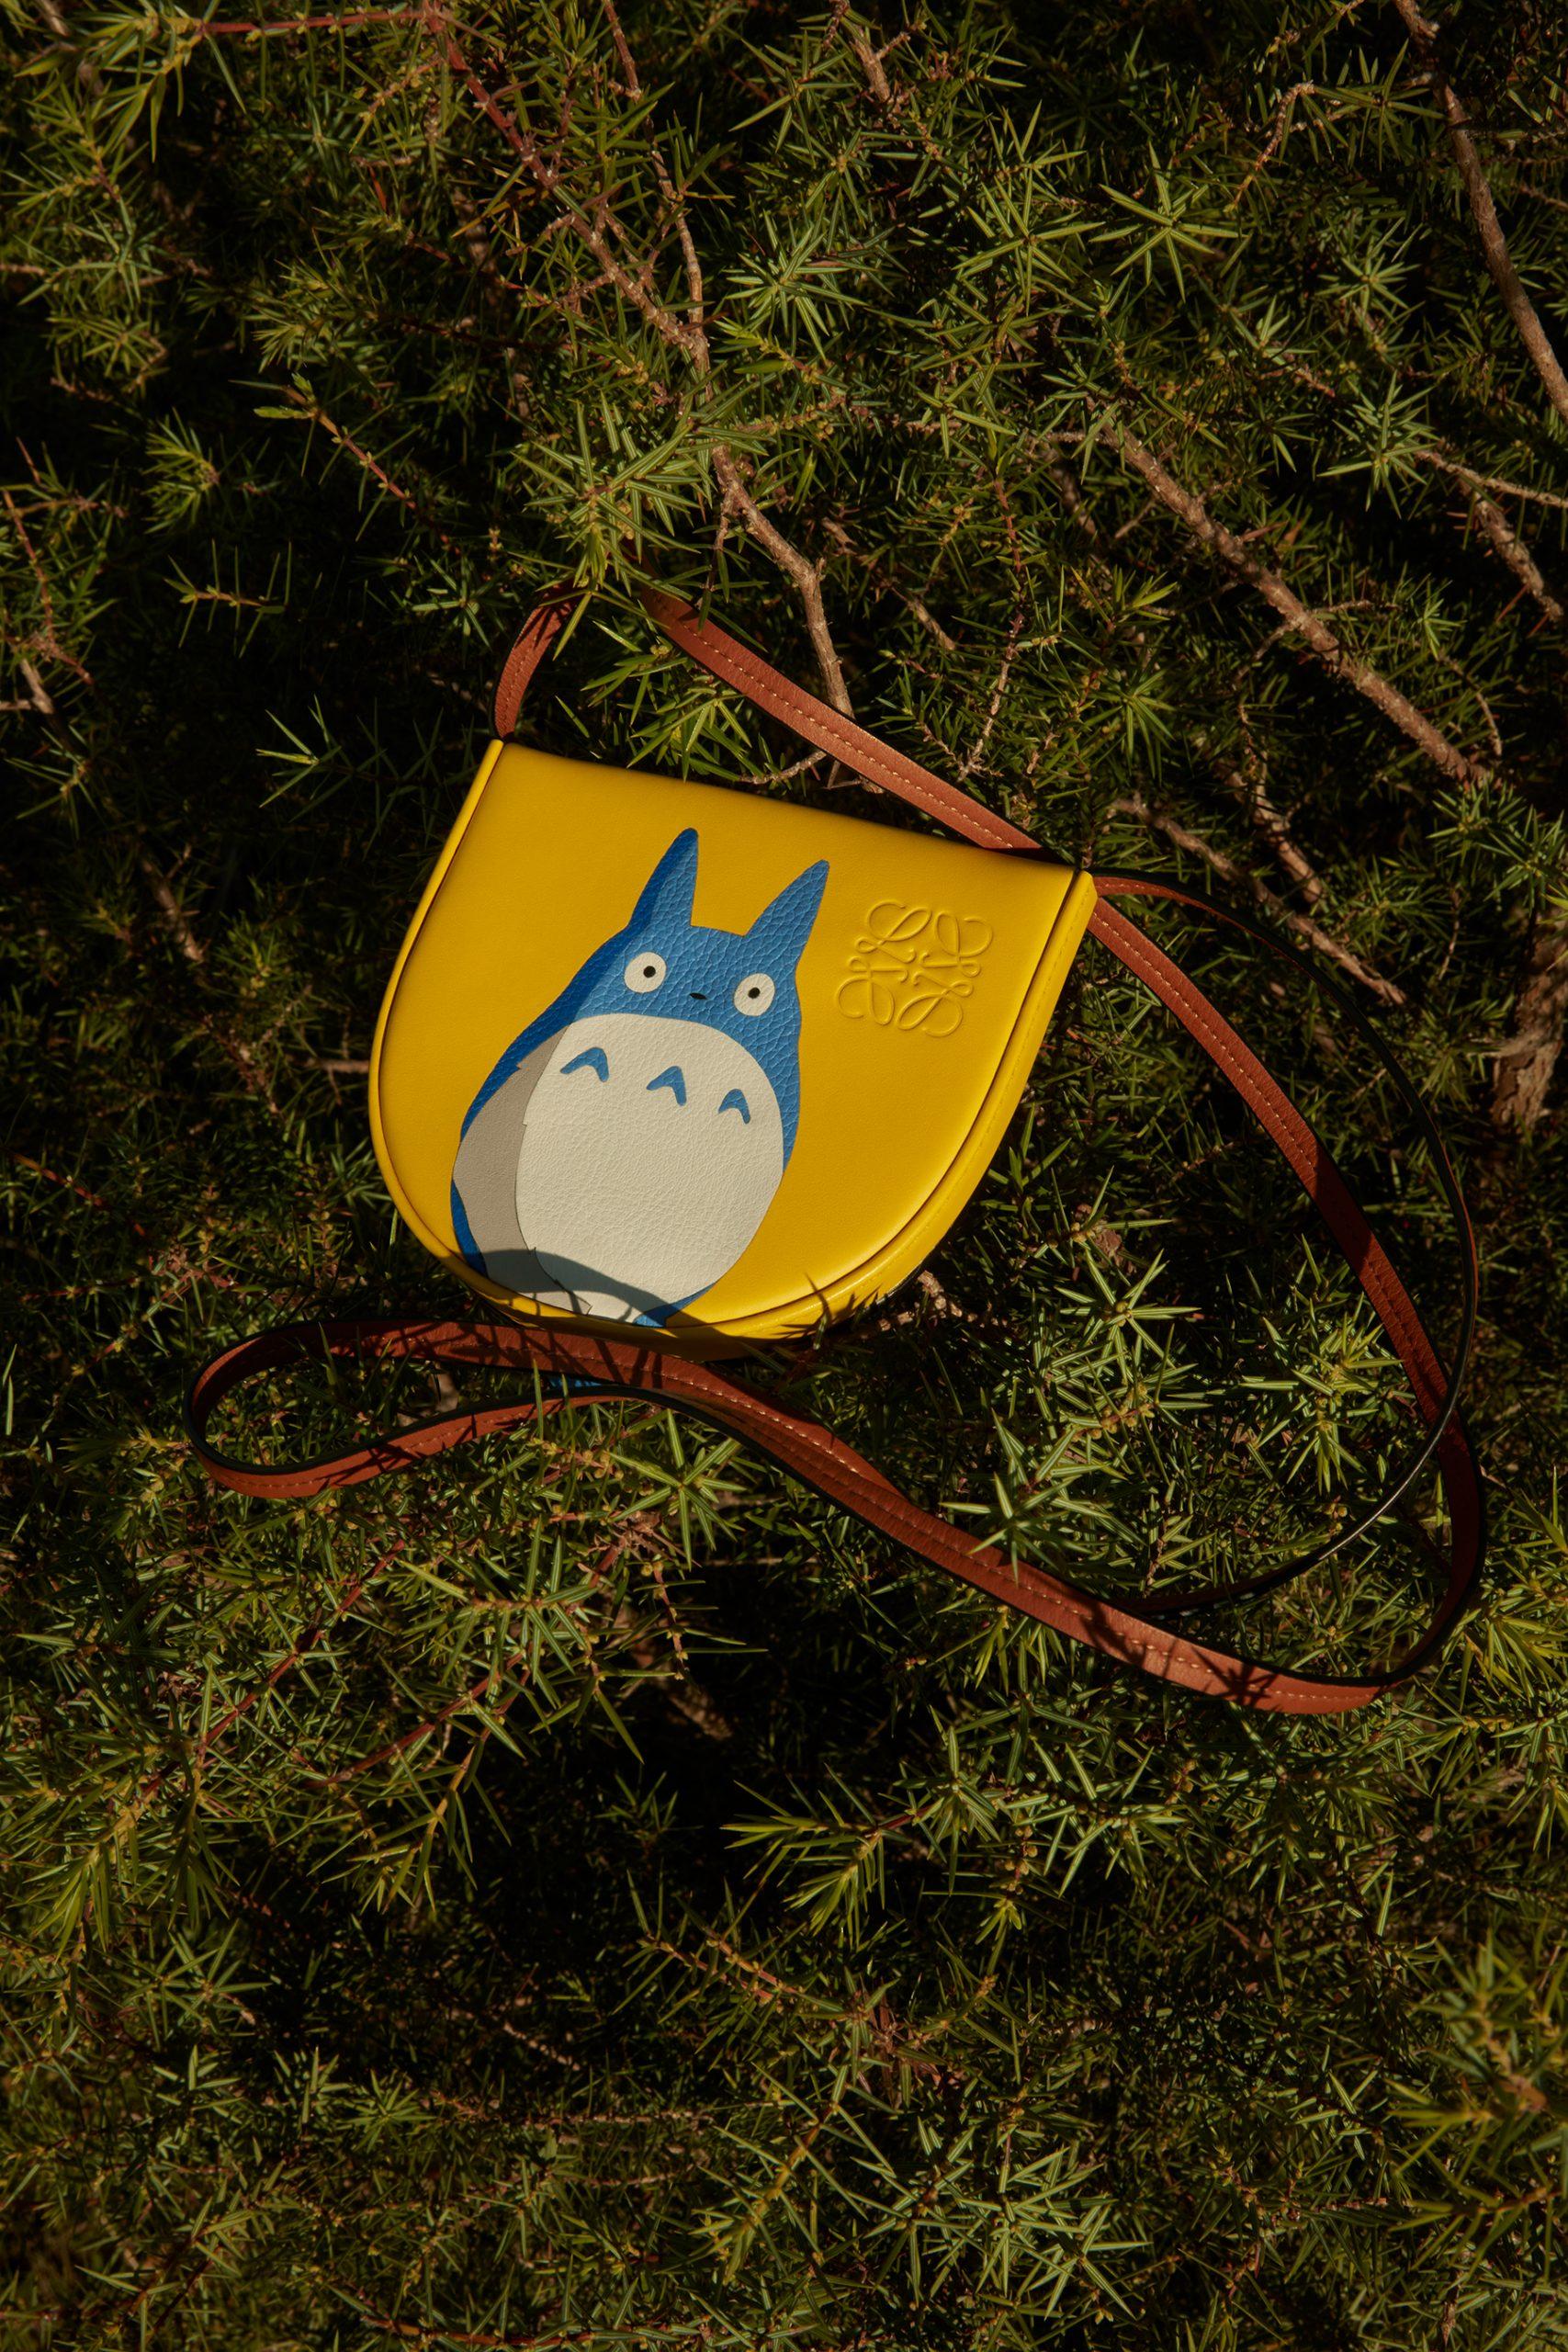 Loewe x My Neighbor Totoro